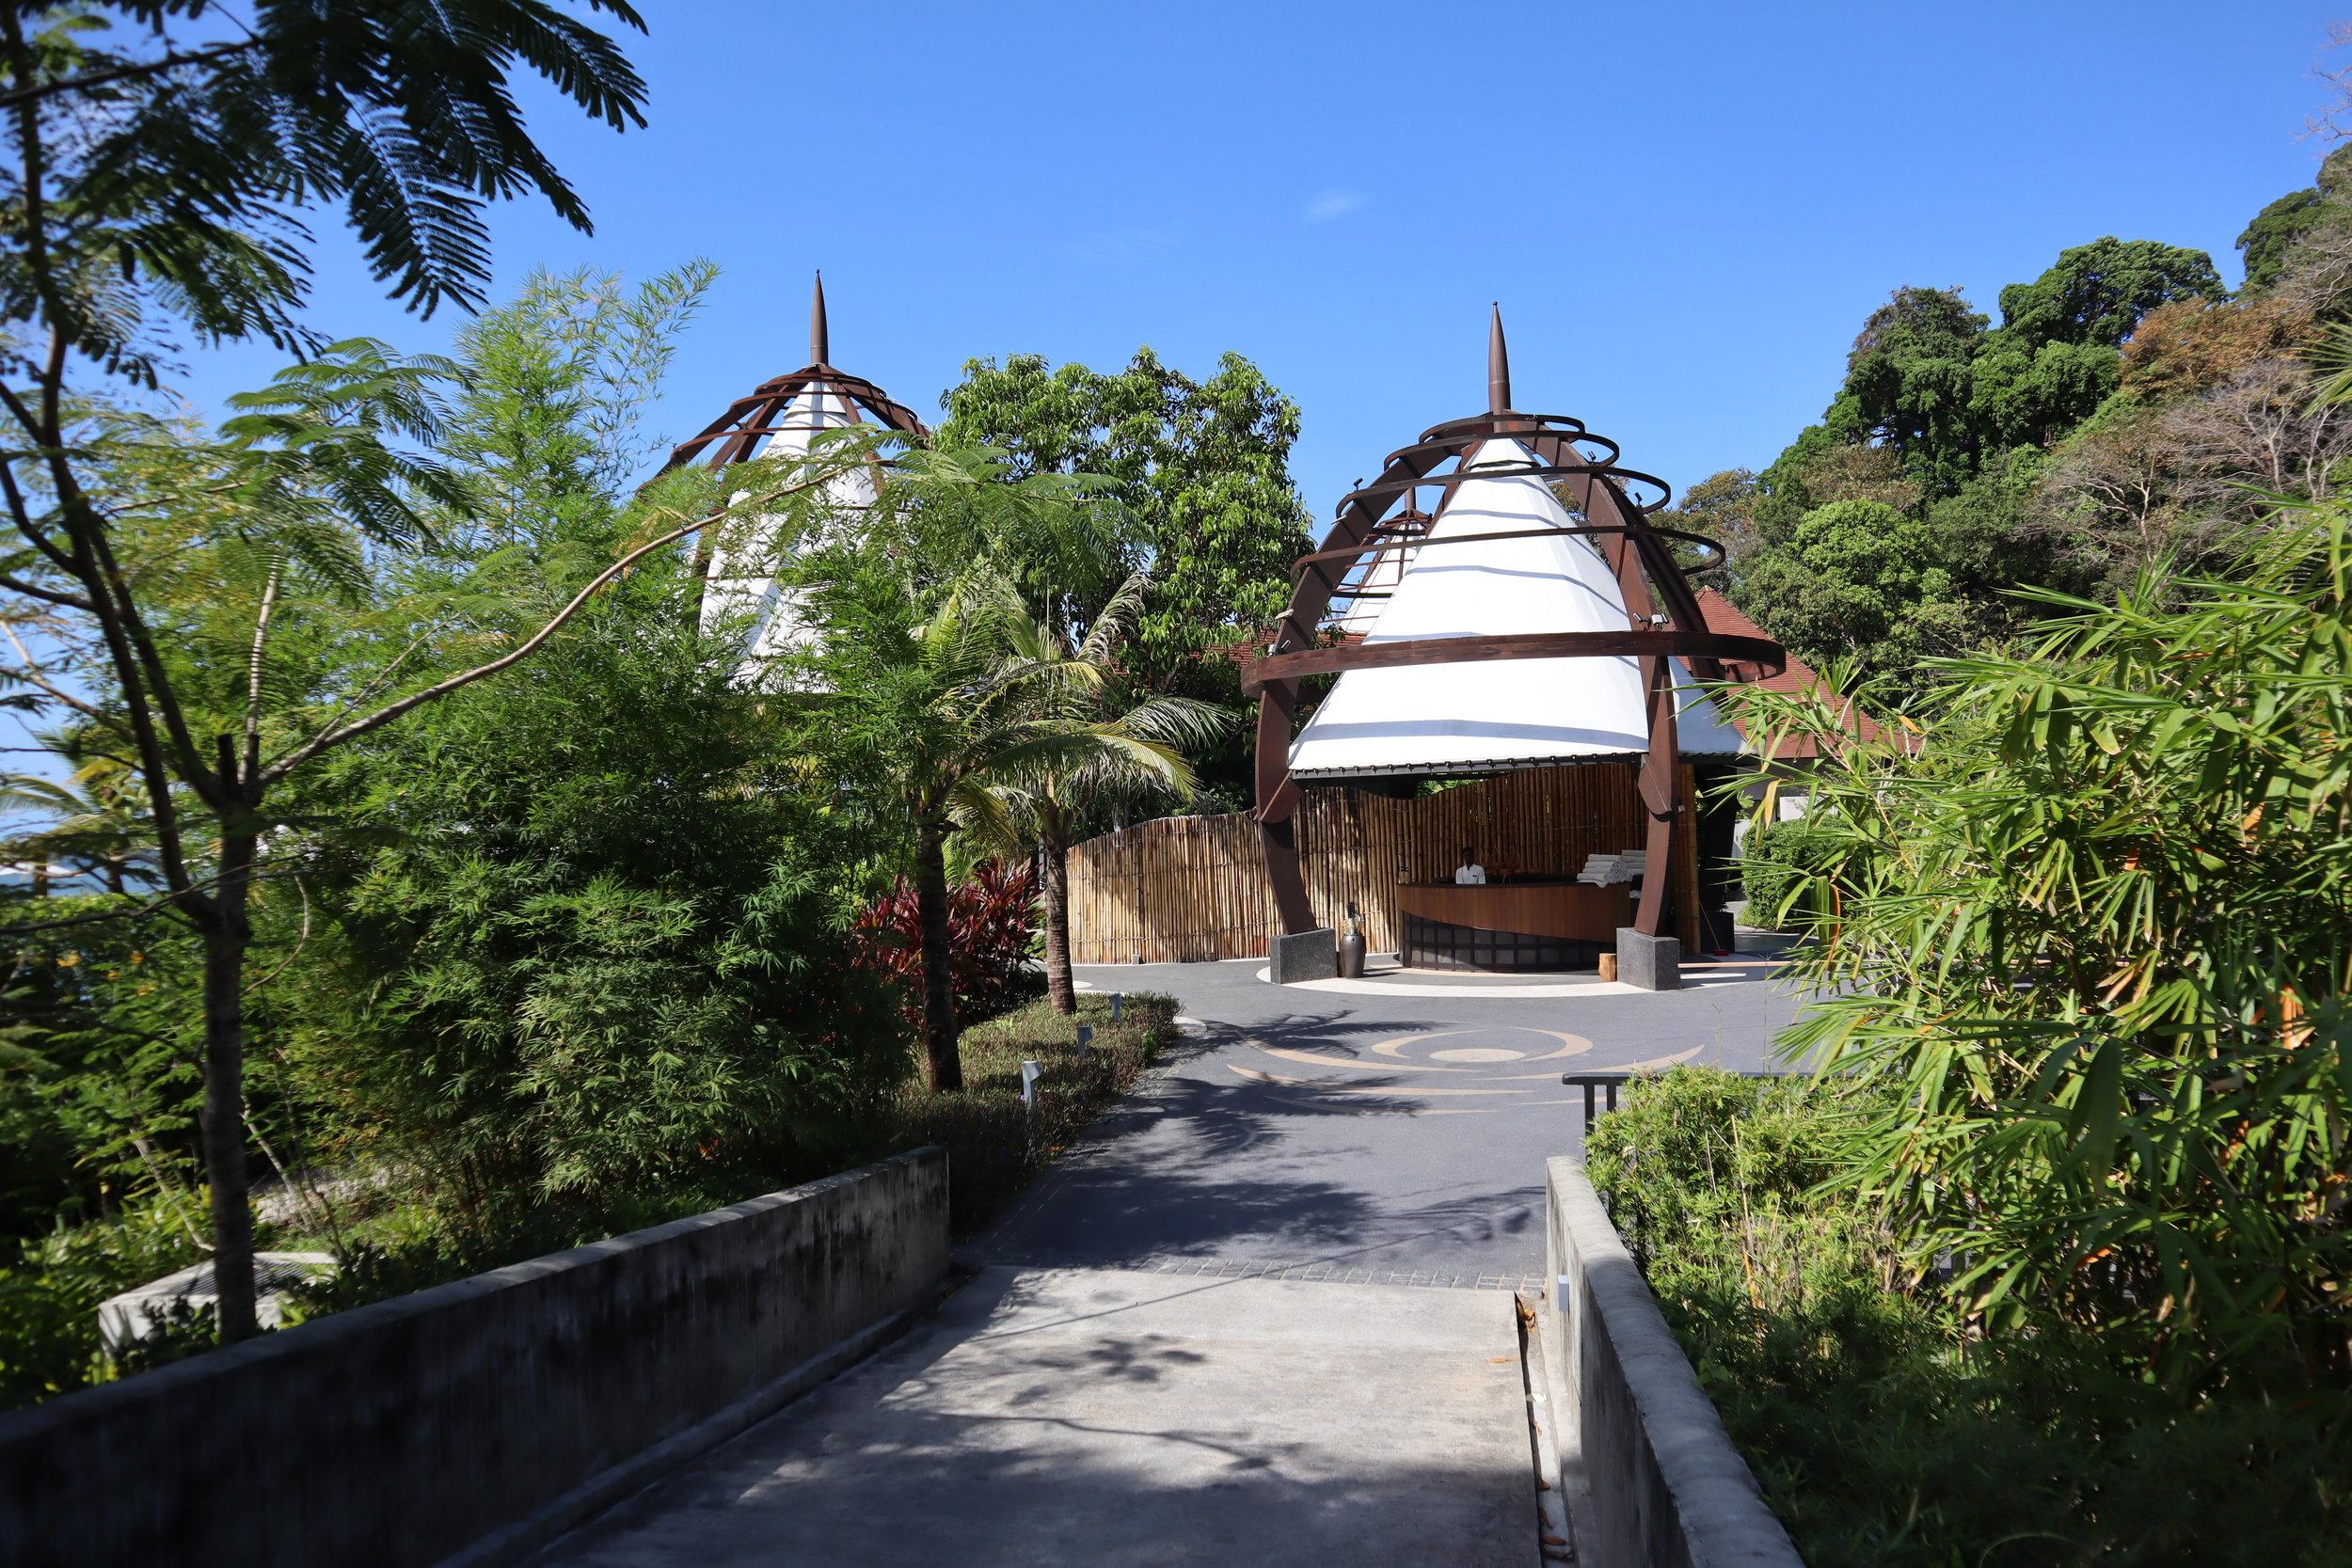 The Ritz-Carlton, Langkawi – Poolside lodge